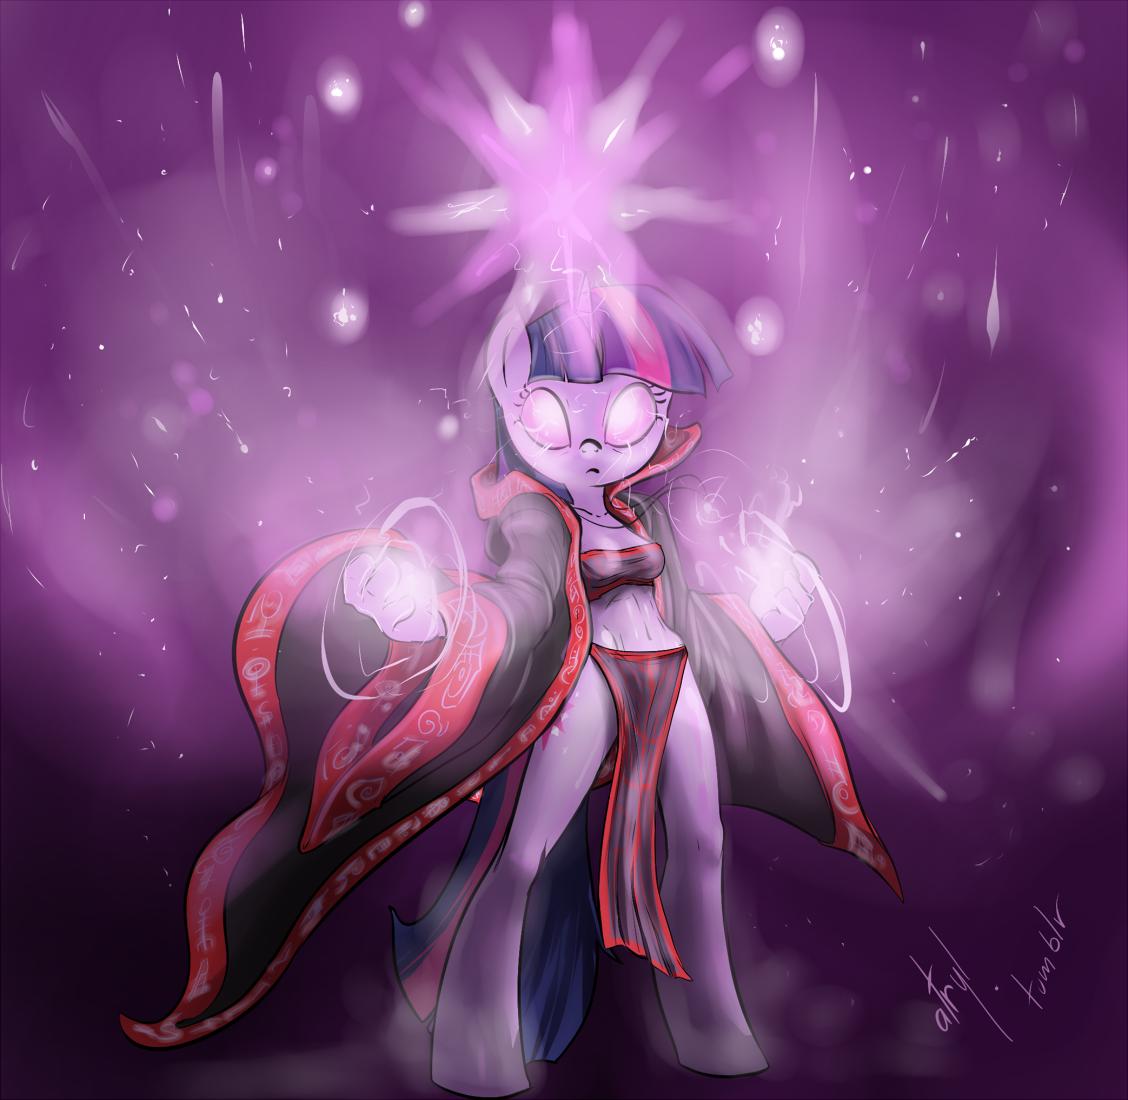 Twilight Sparkle by atryl